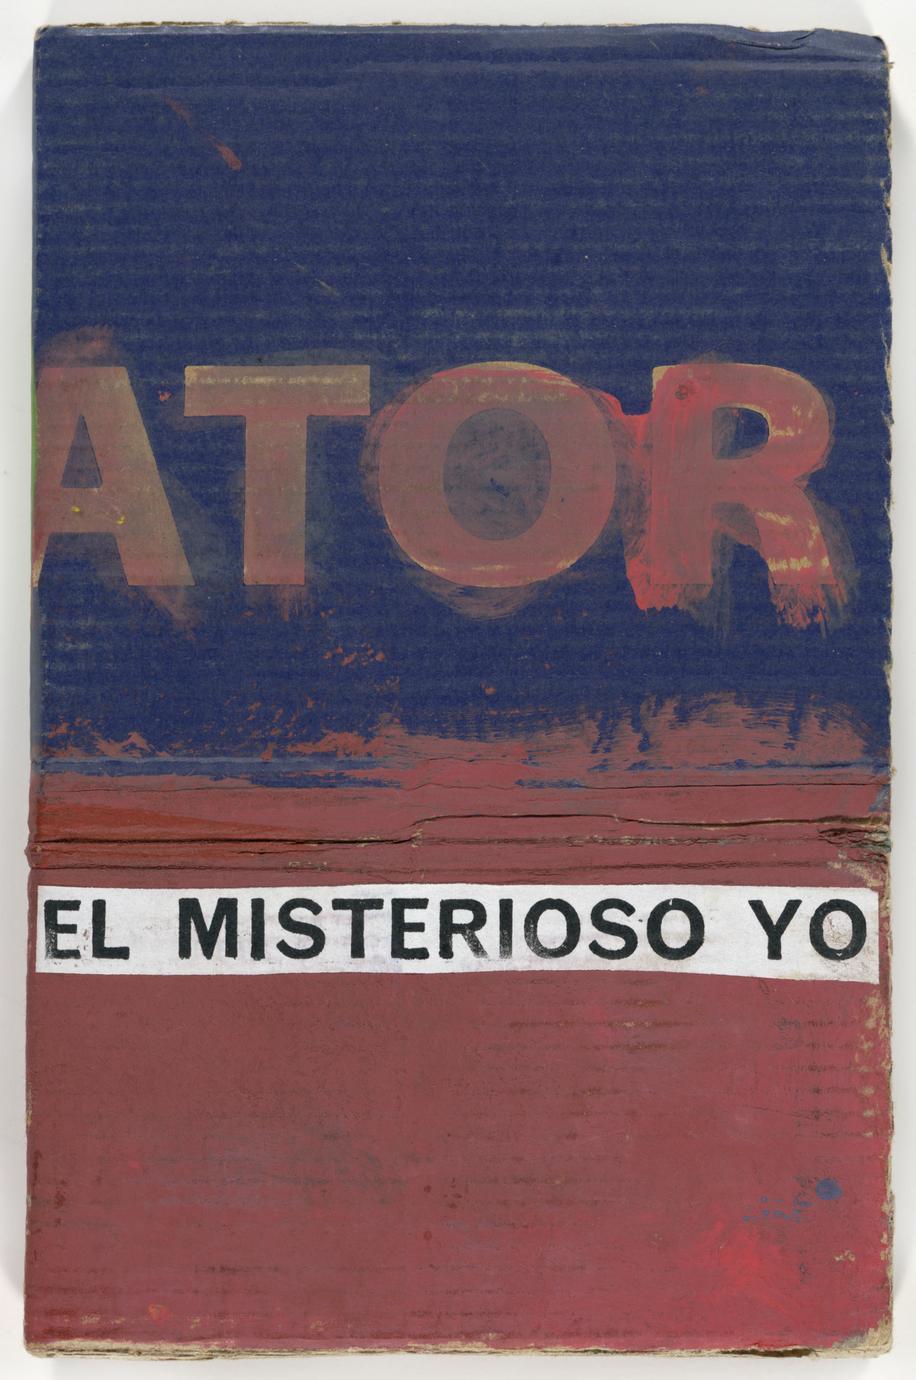 El misterioso yo (1 of 3)